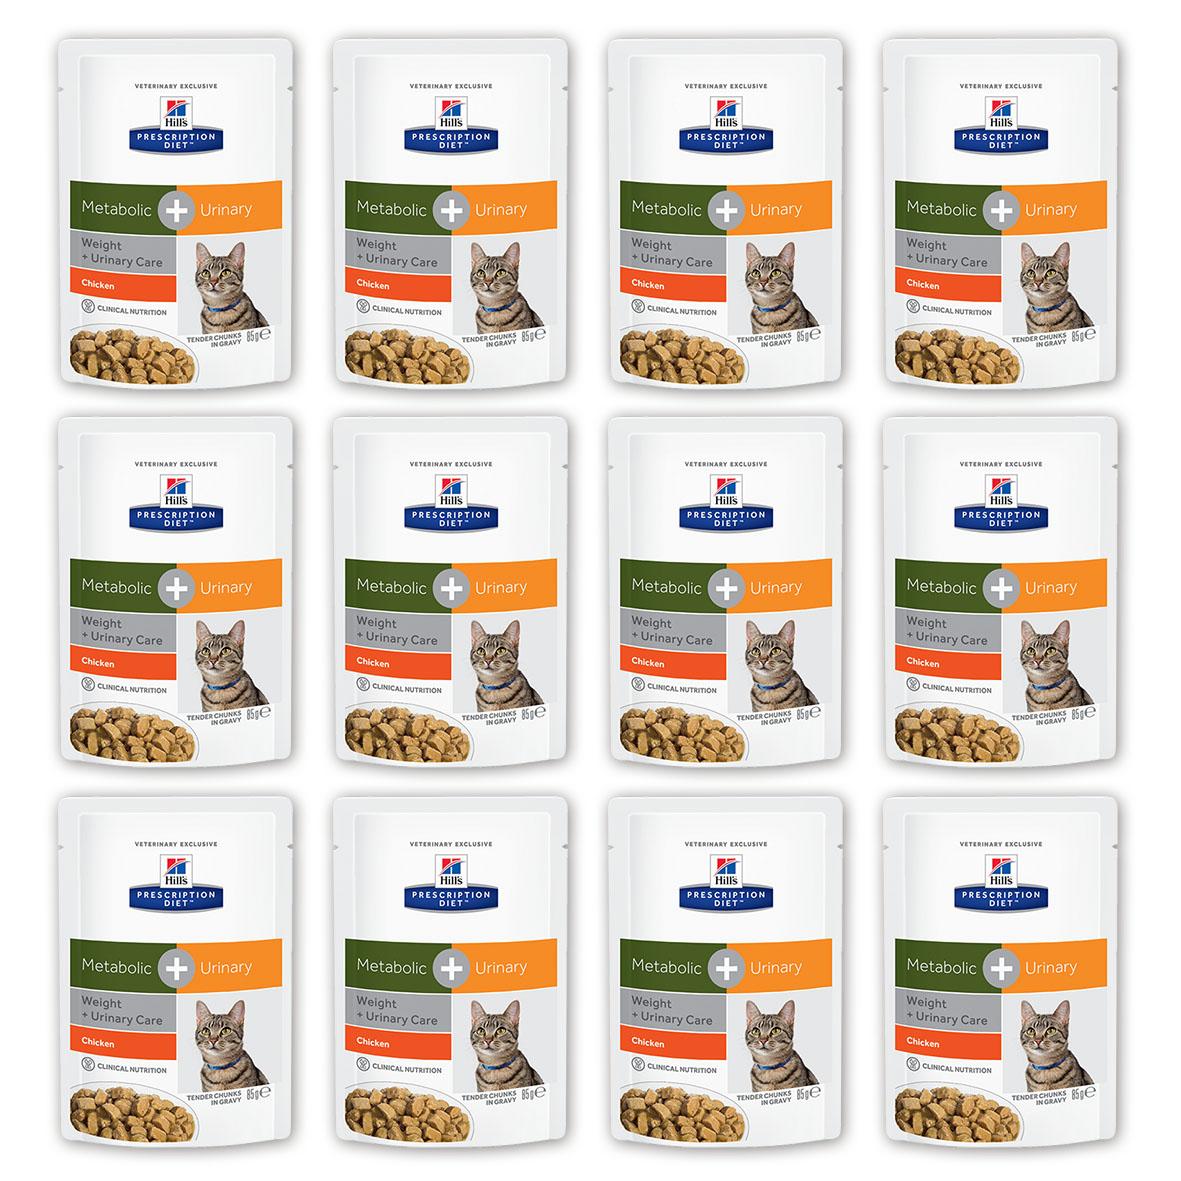 Консервы для кошек Hills Metabolic + Urinary, для коррекции веса при урологических заболеваниях, с курицей, 85 г, 12 шт0120710Консервы Hills Metabolic + Urinary - полноценный диетический рацион с клинически доказанной способностью уменьшать вероятность повторного проявления основных признаков заболеваний нижнего отдела мочевыводящих путей, и снижать вес на 11% за 60 дней. Ключевые преимущества- Комплекс нутриентов c клинически доказанной эффективностью в рационе Metabolic + Urinary учитывает индивидуальные энергетические потребности кошки, оптимизируя процесс сжигания жиров и влияя на эффективное использование калорий -Позволяет избежать повторного набора веса после прохождения программы по снижению веса- Клинически доказано: эффективно растворяет струвиты - Помогает вашей кошке оставаться сытой и удовлетворенной между кормлениями- Превосходный вкус, который понравится любой кошке.Рационы Hills Prescription Diet клинически протестированы, разработаны для поддержания и коррекции состояния у животных, имеющих проблемы со здоровьем при сохранении превосходных вкусовых характеристик. Состав: Мясо и производные животного происхождения, производные растительного происхождения, злаки, овощи, различные сахара, масла и жиры, экстракт растительного протеина, минералы, DL-метионин. Анализ: протеин 7,5 %, жиры 2,6 %, клетчатка (общая) 2,1 %, зола 1,1%, влага 81,0 %, кальций 0,15 %, фосфор 0,14 %, натрий 0,07 %, калий 0,13 %, магний 0,001 %, хлорид 0,16 %, сера 0,14 %.Добавки: витамин Е10 130 мг/кг, бета-каротин 0,3 мг/кг, таурин 535 мг, витамин D3 200 ме, железо 32,4 мг, йод 0,6 мг, медь 6,9 мг, марганец 3 мг, цинк 34,2 мг. Окрашено натуральной карамелью. Метаболизируемая энергия (расчет): 2,9 МДж/кг.Уважаемые клиенты! Обращаем ваше внимание на возможные изменения в дизайне упаковки. Качественные характеристики товара остаются неизменными. Поставка осуществляется в зависимости от наличия на складе.